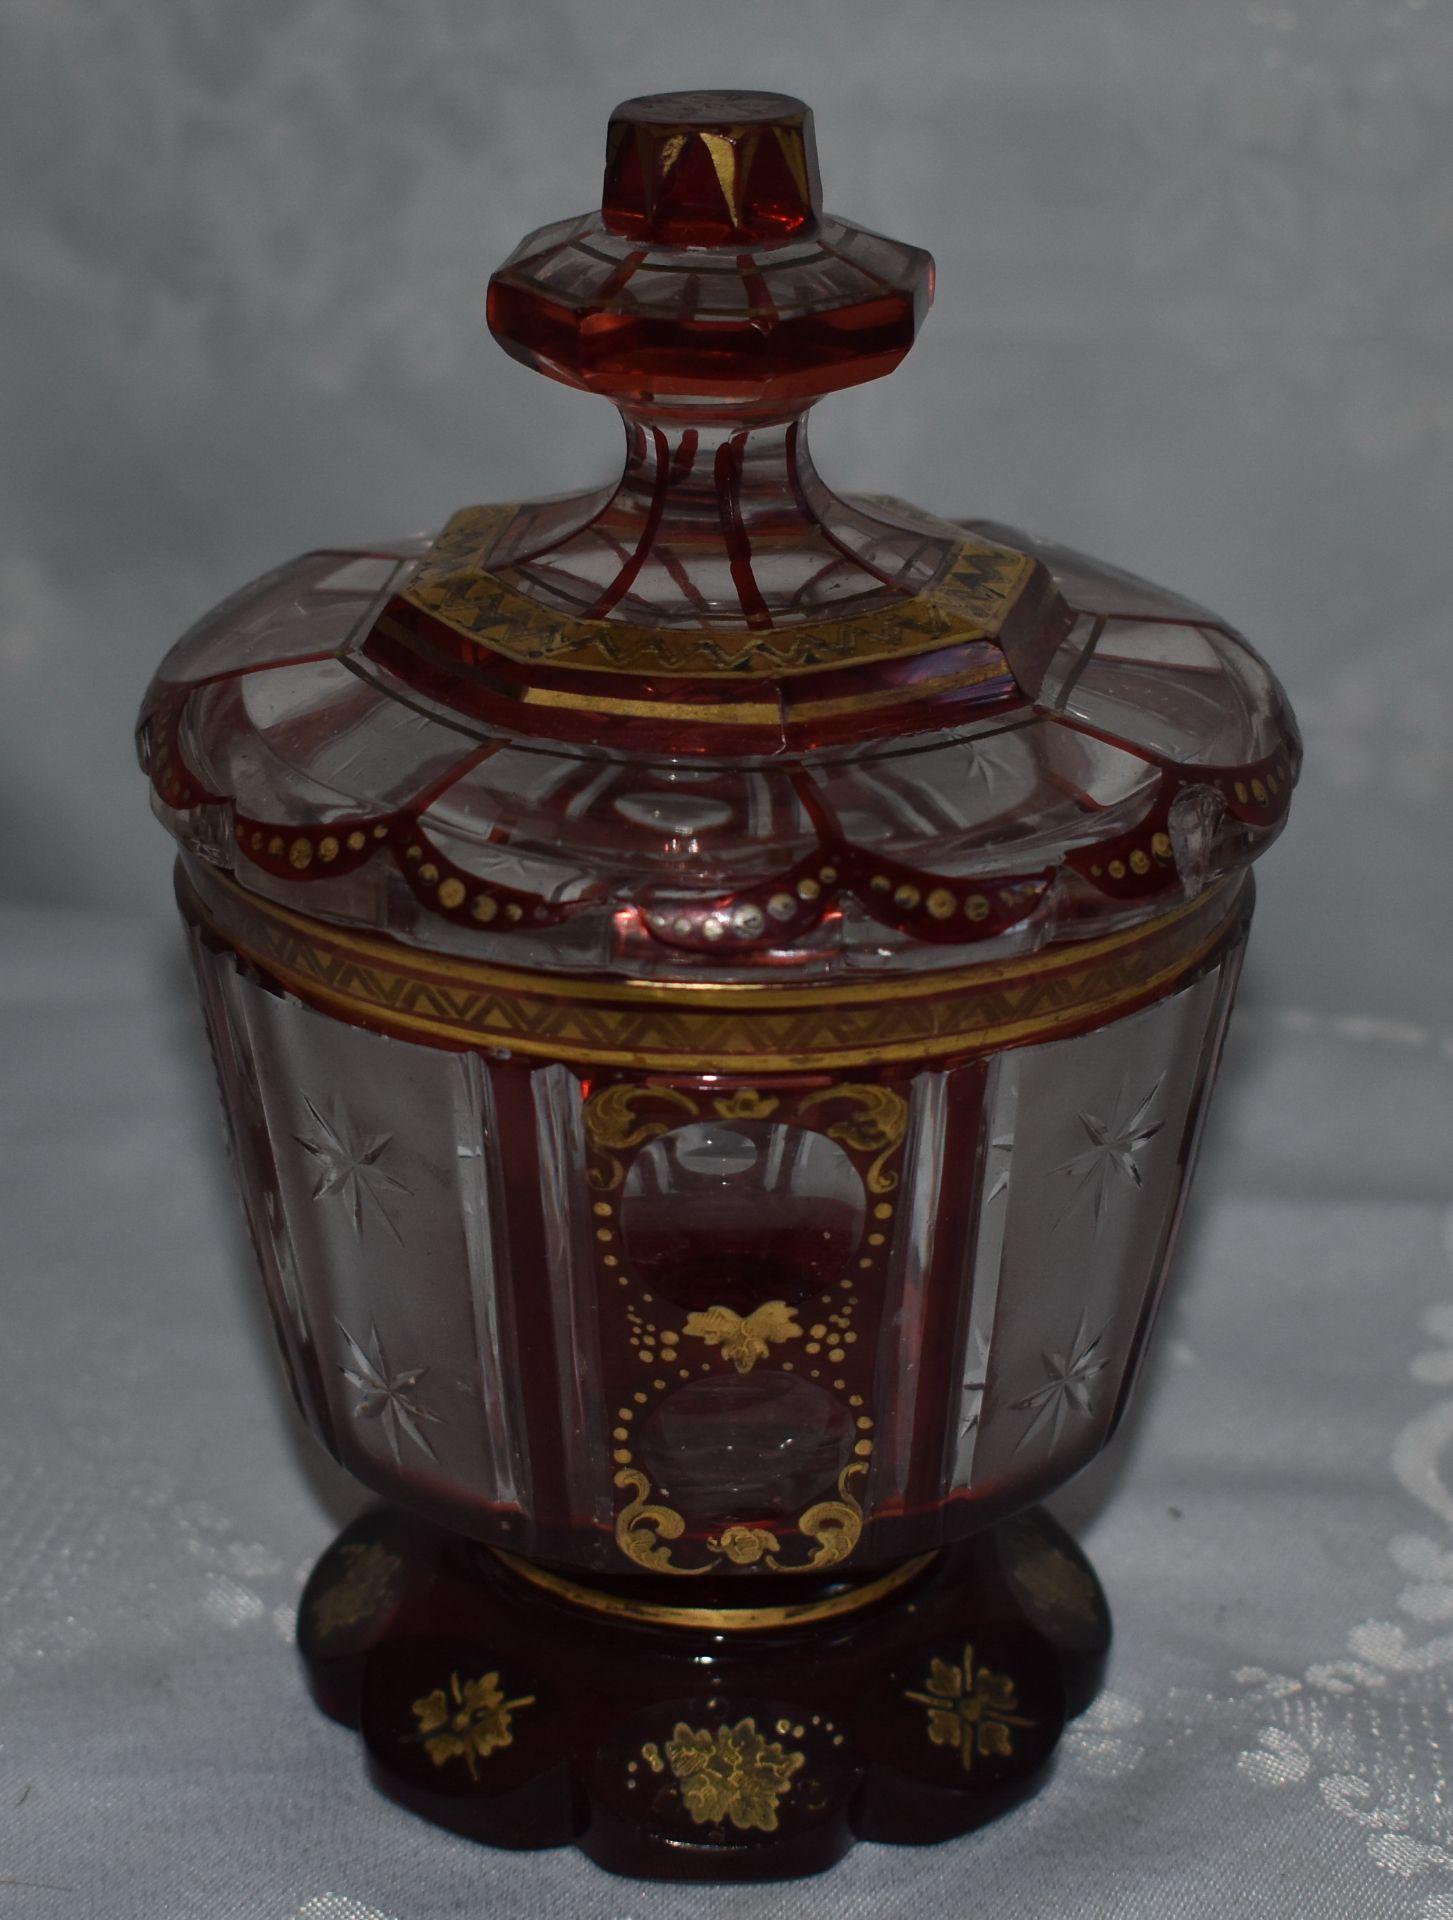 Rubinglas mit Deckel, Bonboniere, - Bild 2 aus 2